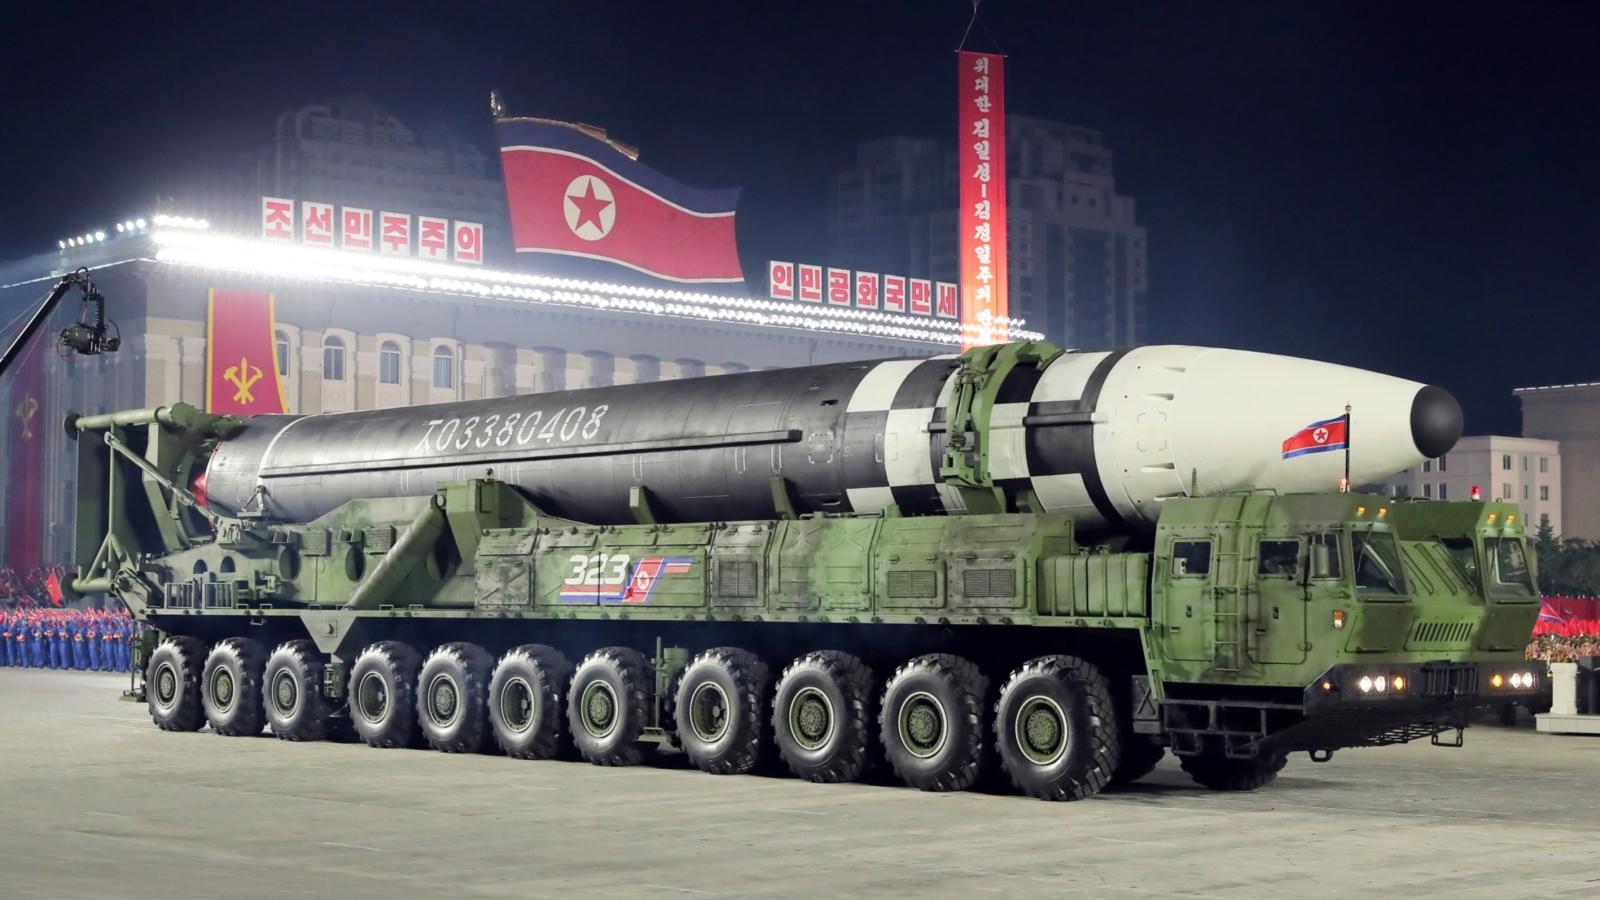 Thứ nguy hiểm hơn cả tên lửa đạn đạo liên lục địa Triều Tiên vừa ra mắt